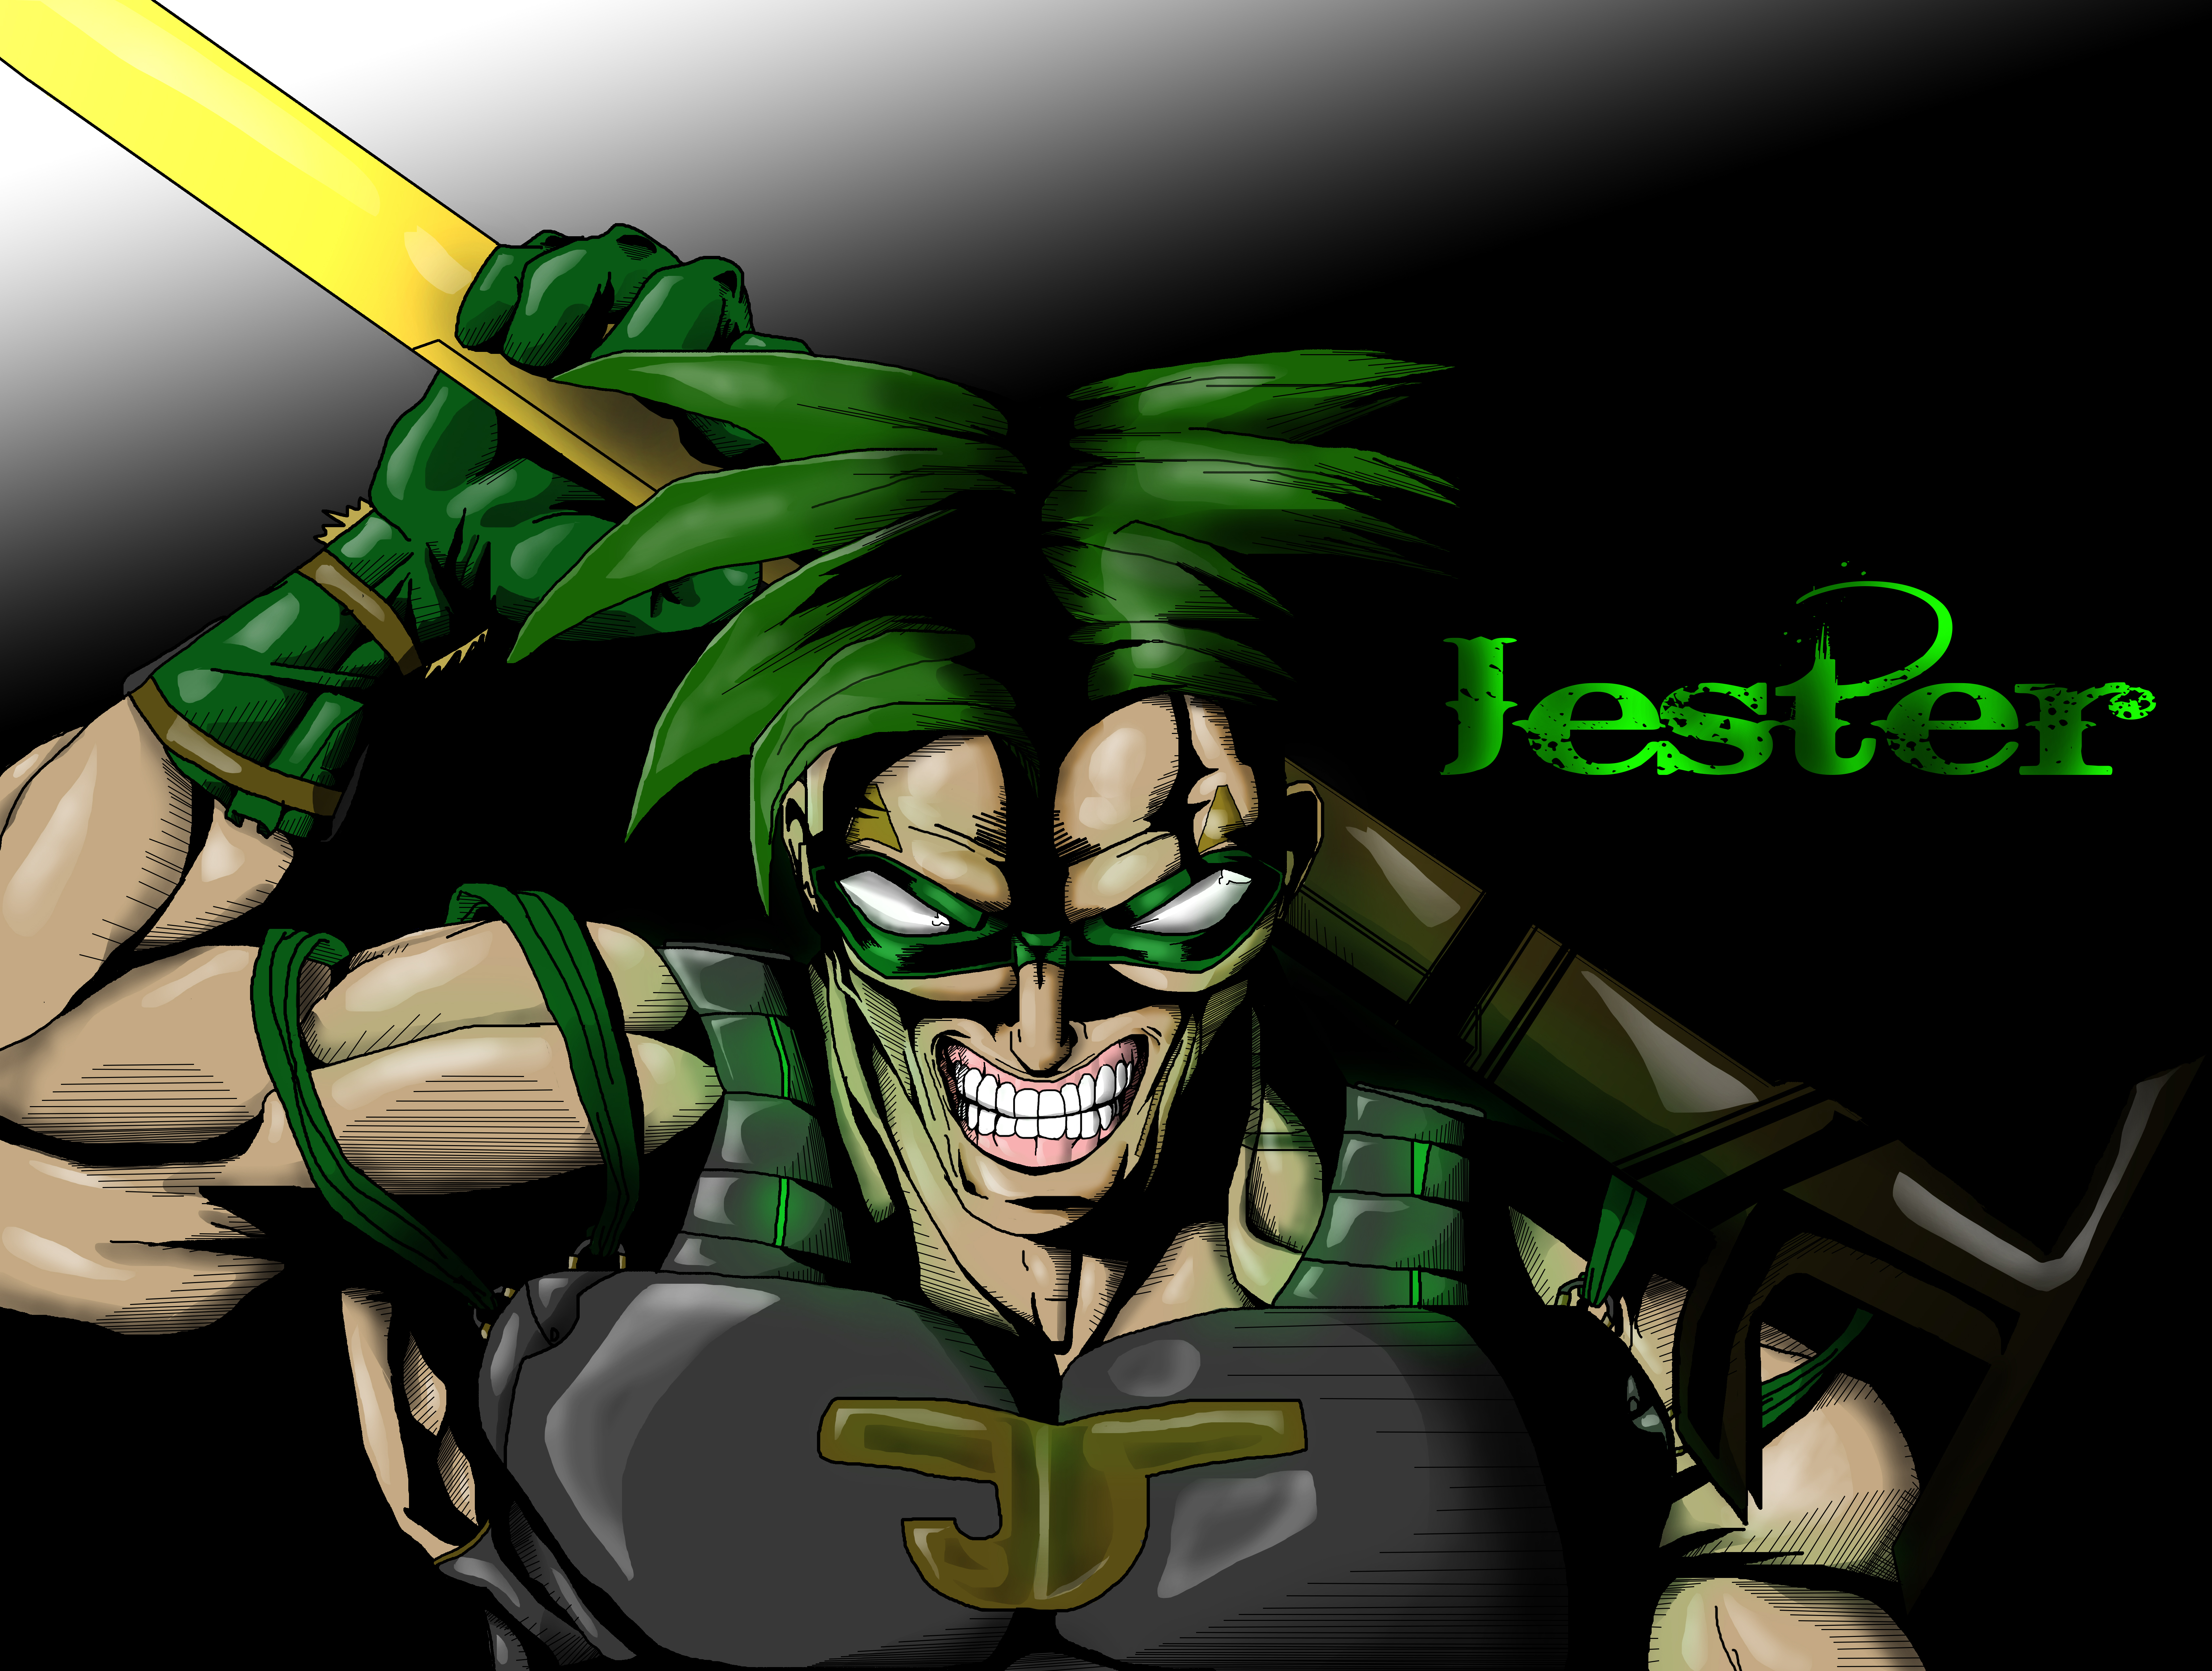 Jester by Jordan504